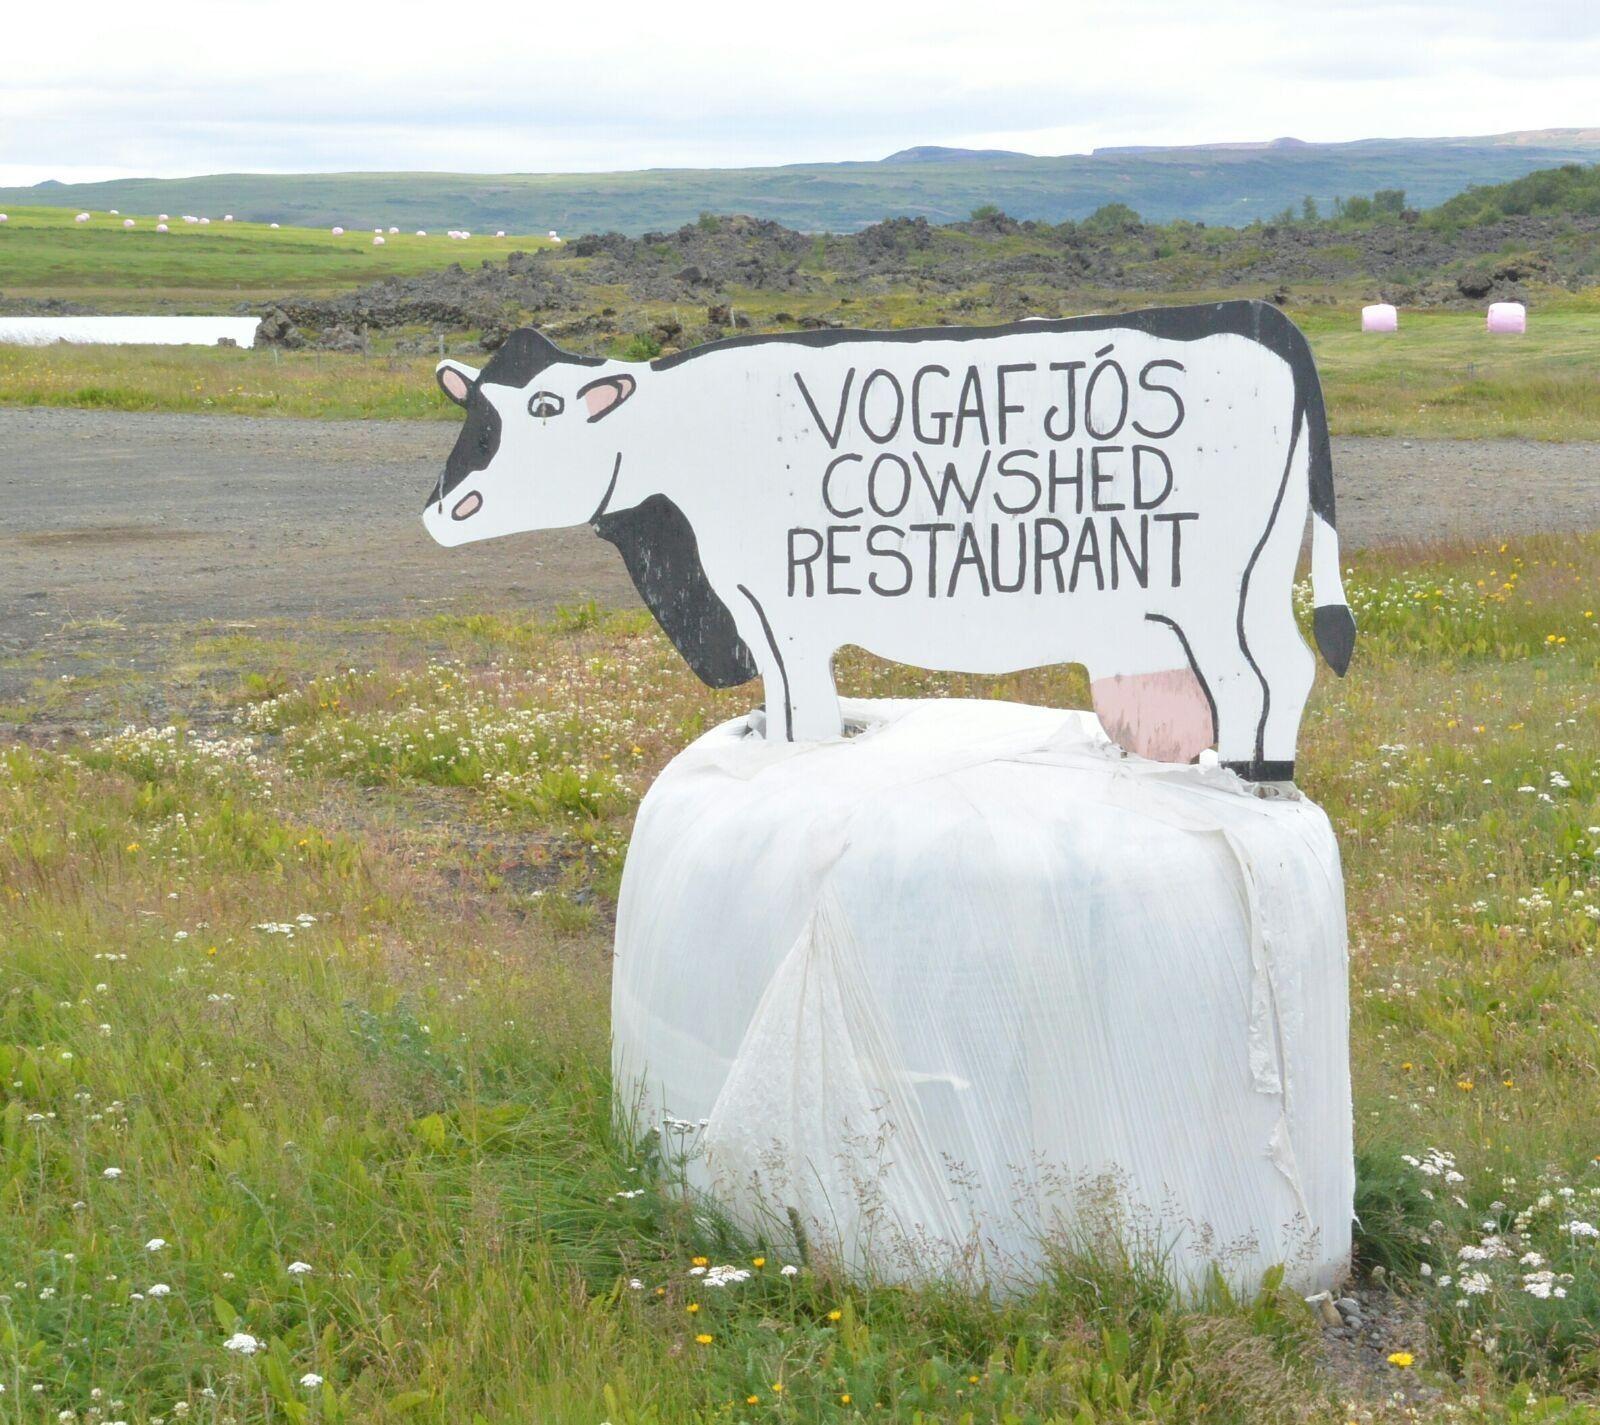 Vogafoss Cowsheed Restaurant, Island. Lecker essen und trinken und ganz nebenbei die Kühe im Stall beobachten.